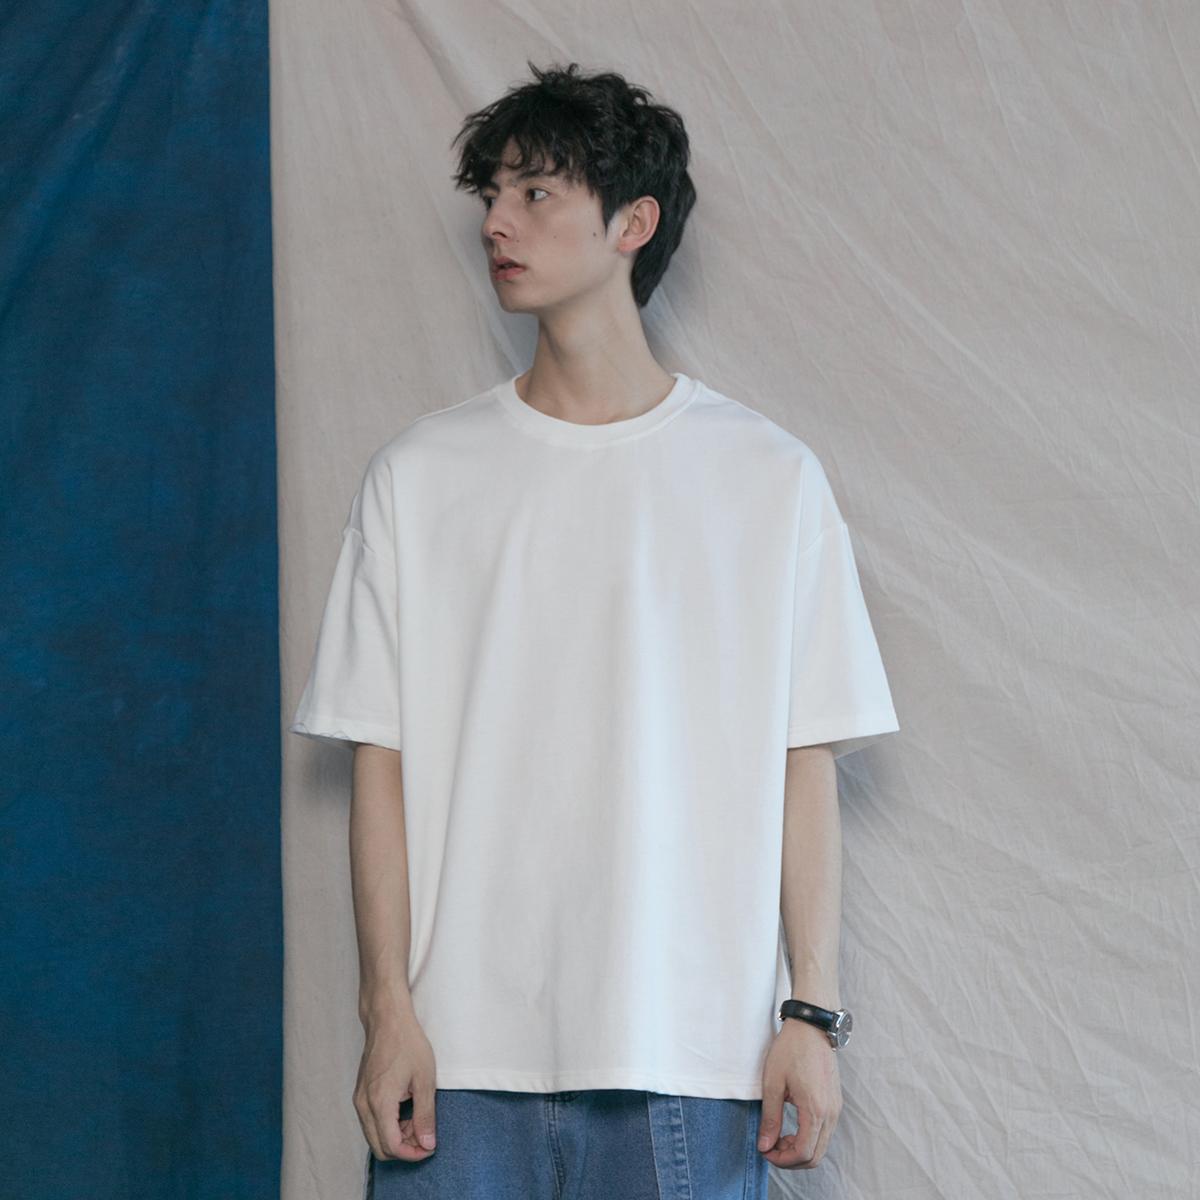 韩版纯色基础款圆领纯棉t恤衫tee58.00元包邮